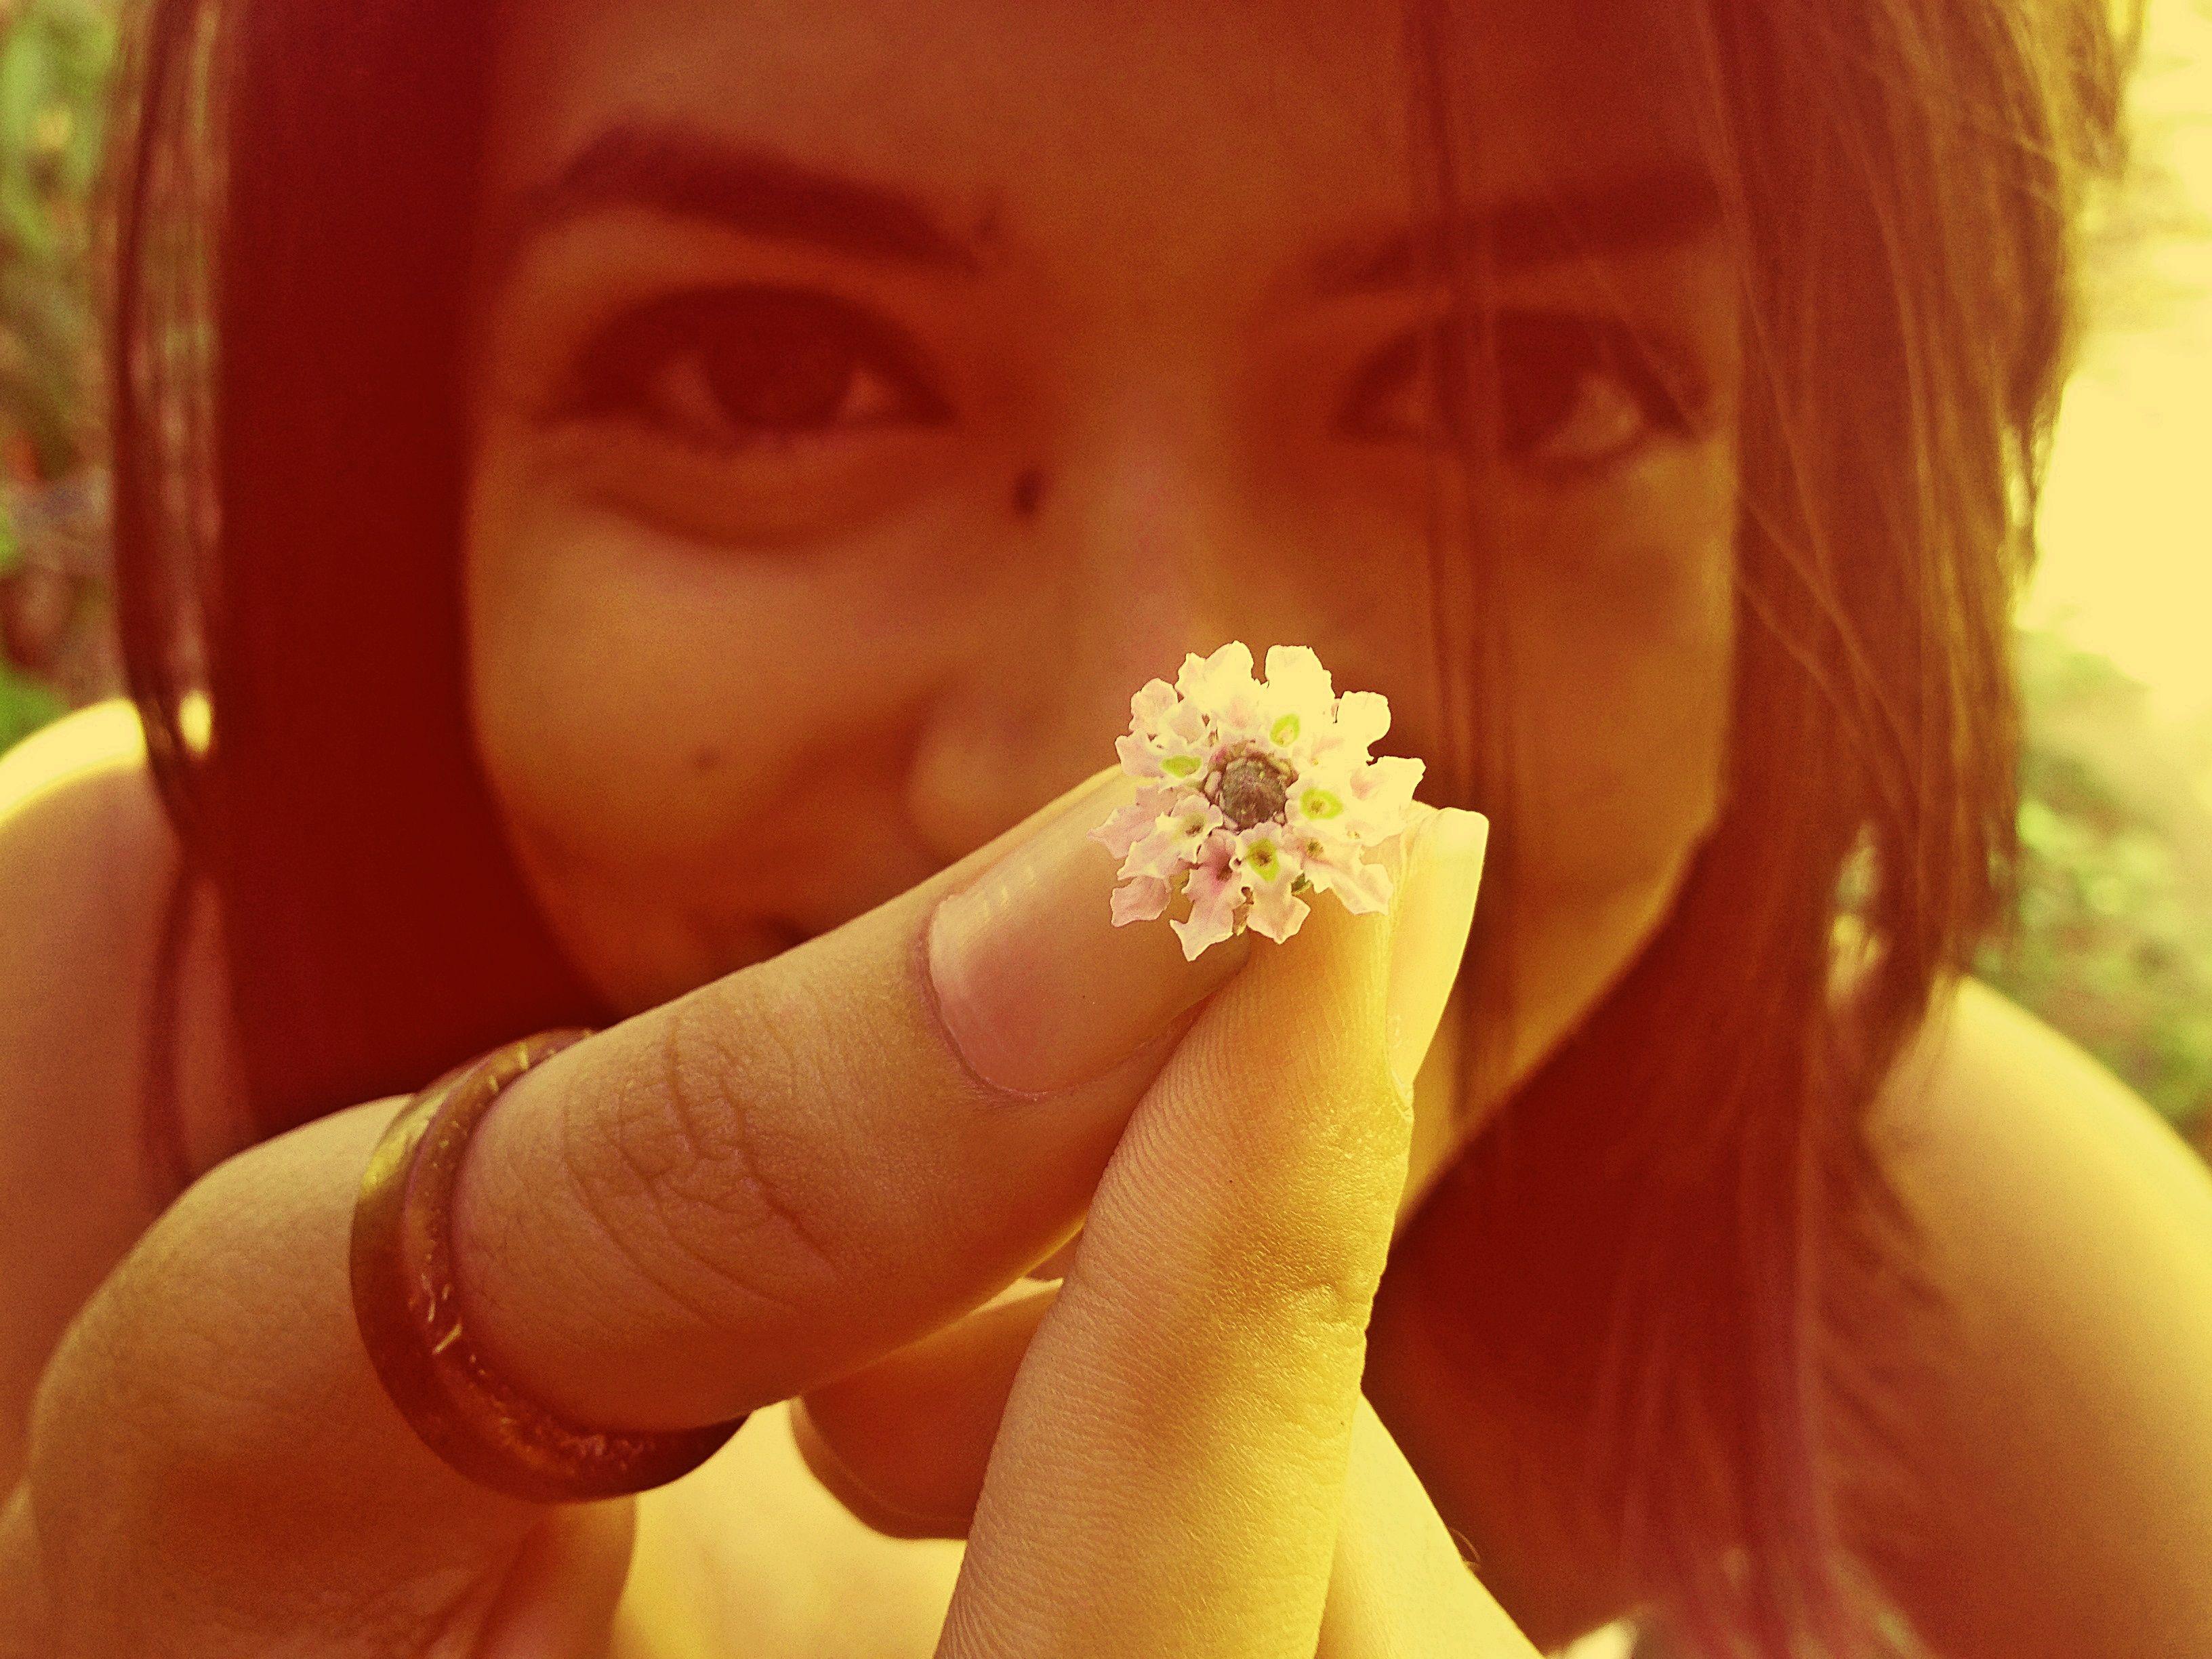 Quero mais flores, E mais sorrisos, E mais vinhos, E muito mais do amor.